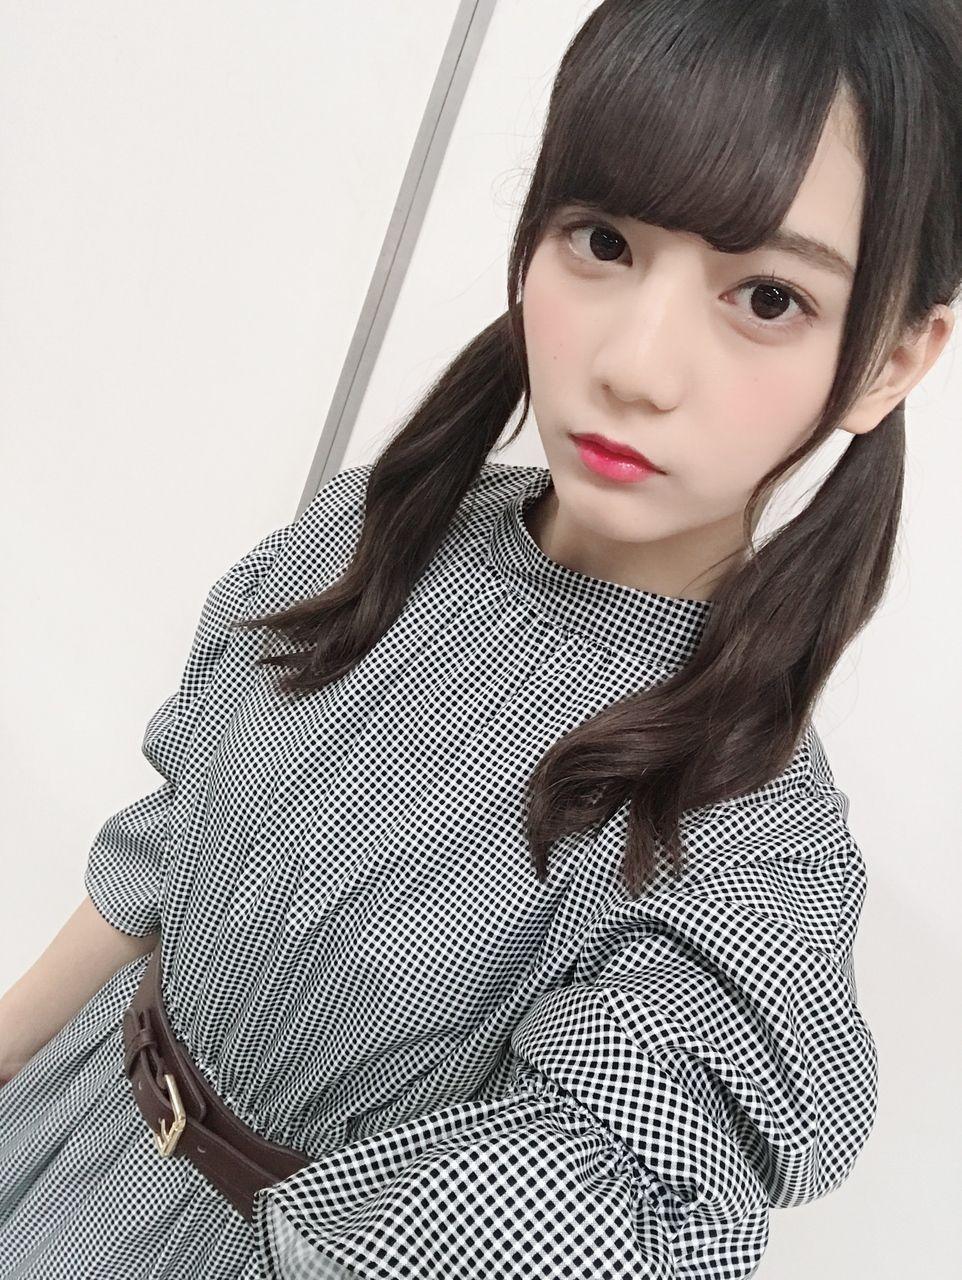 菜緒 アイコラ 小坂